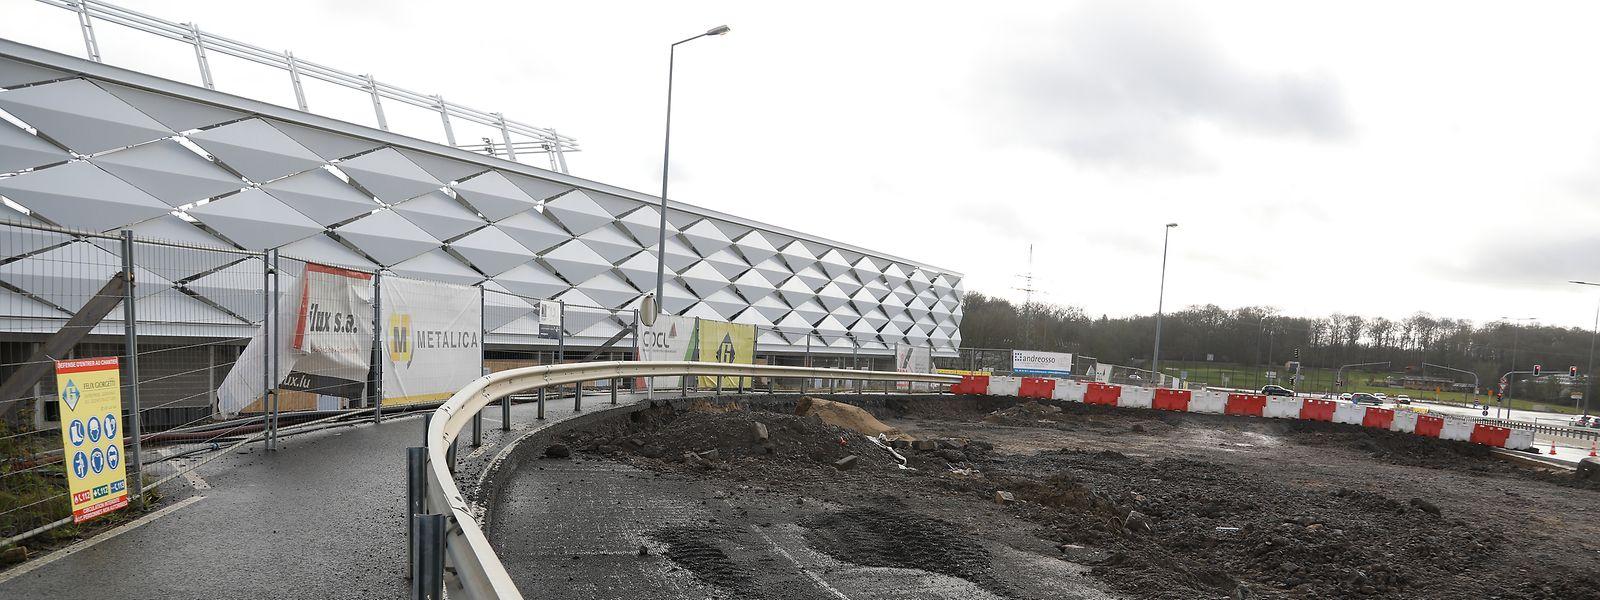 La question est maintenant de savoir si le nouveau stade national de football et de rugby à Kockelscheuer sera ou non opérationnel en 2020.